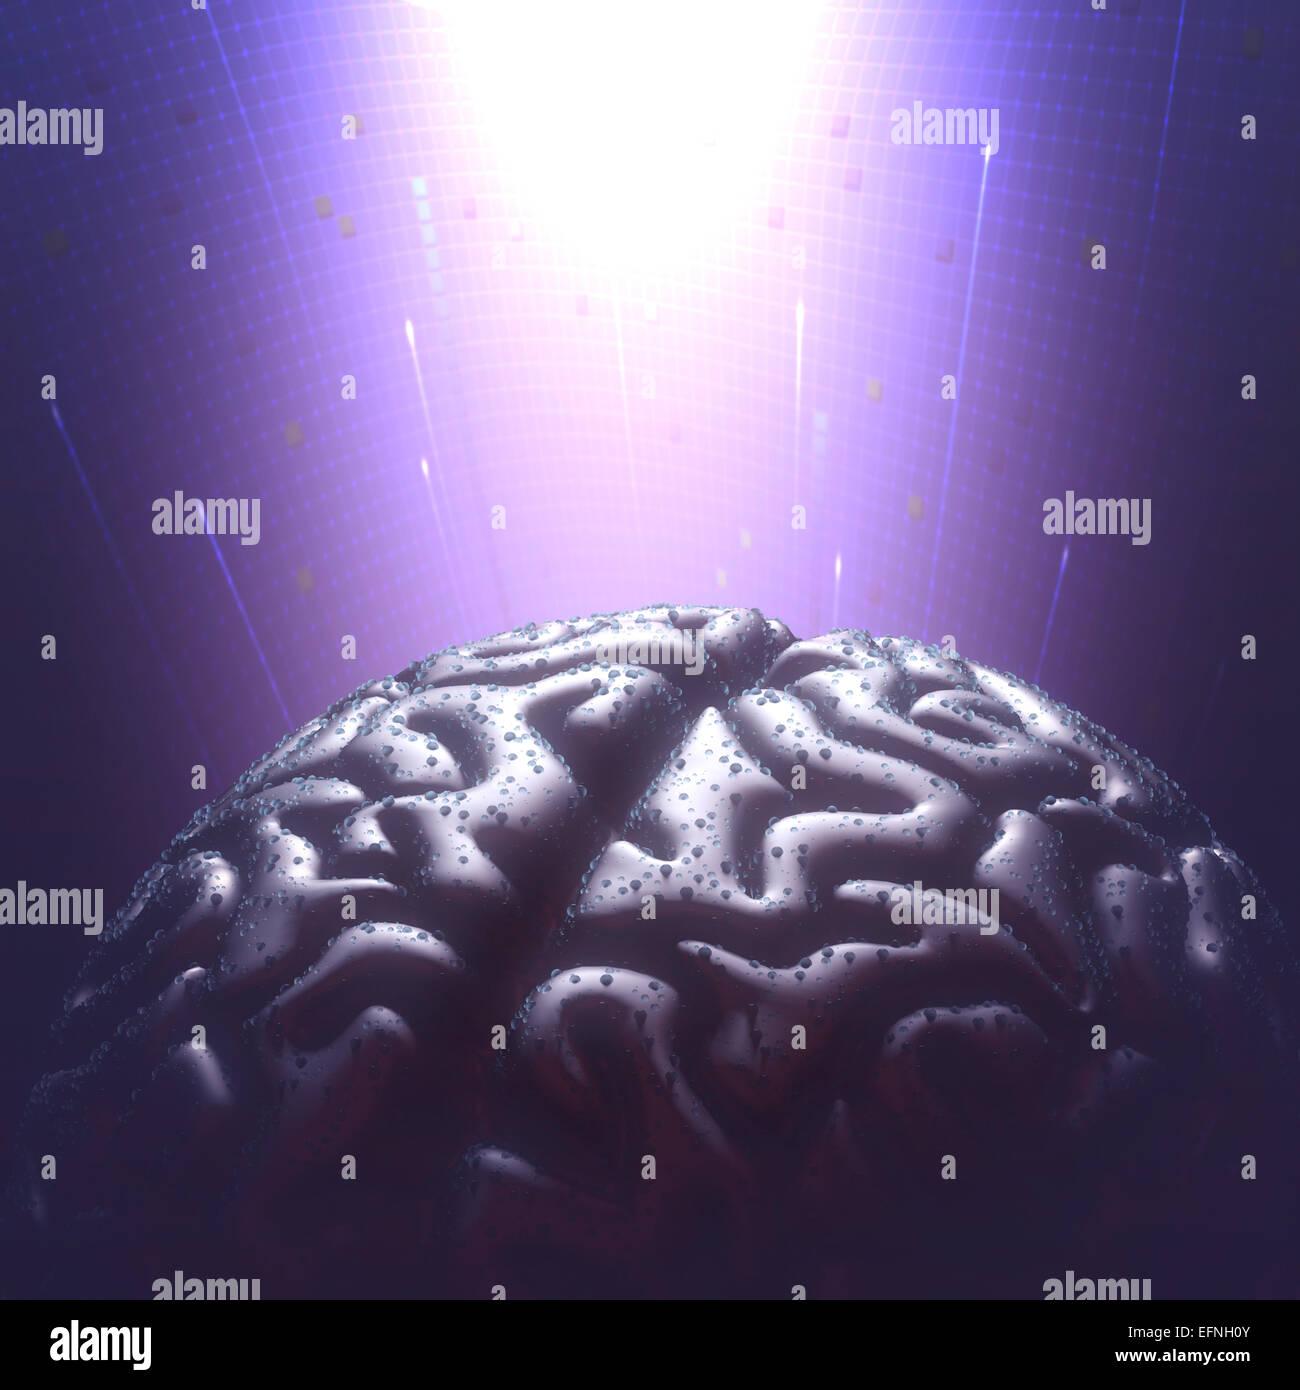 Cerebro de metal con las gotas de lluvia en un entorno oscuro. Copie el espacio y trazado de recorte incluido. Imagen De Stock